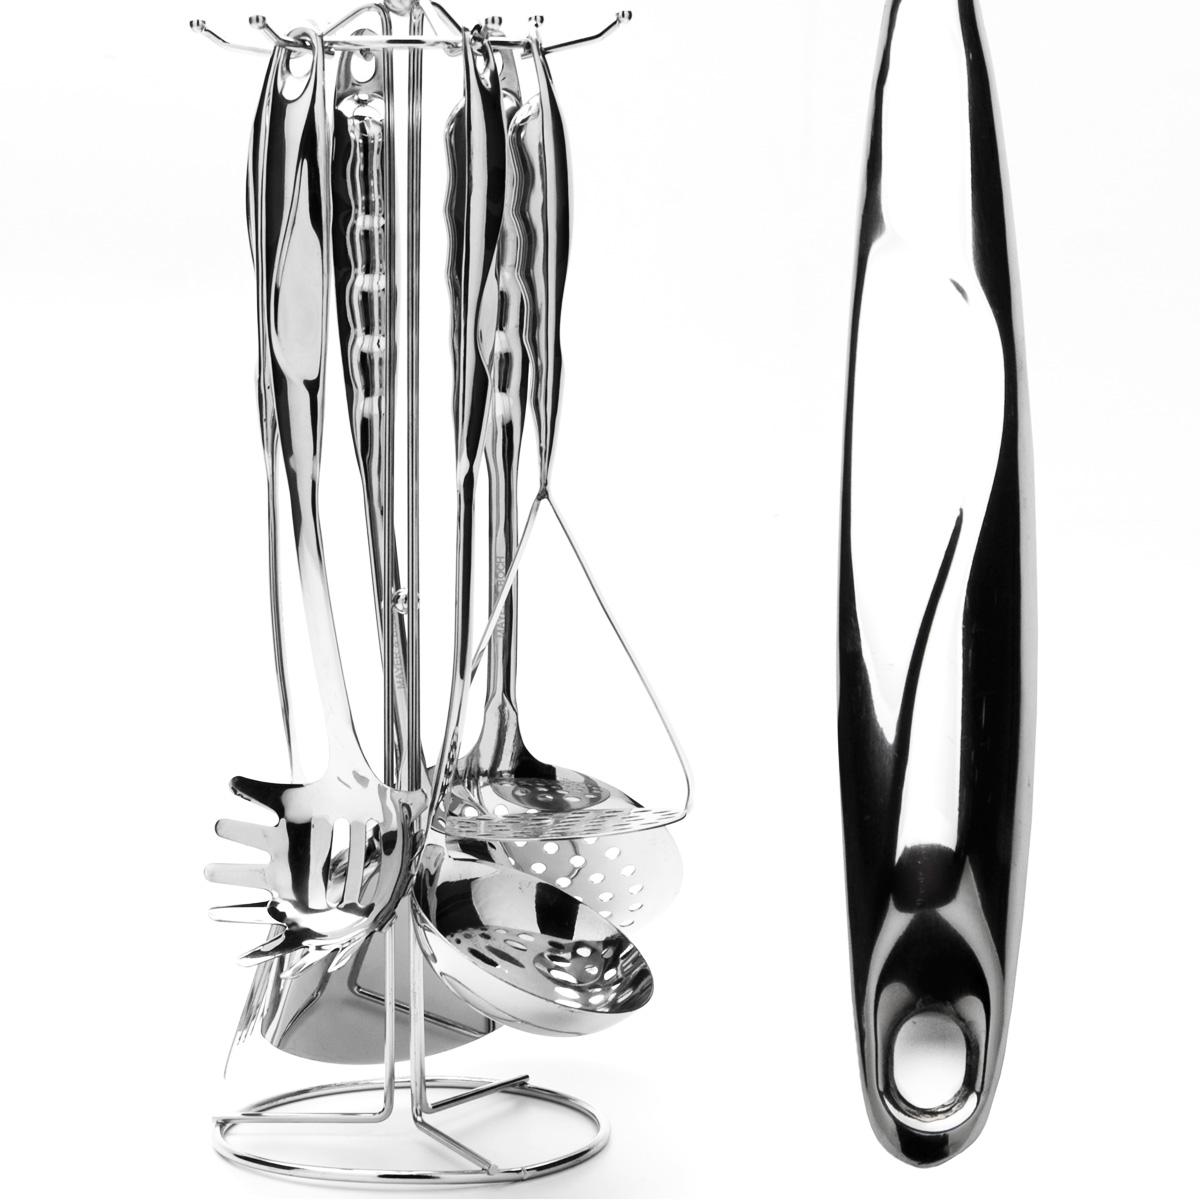 """Набор кухонных принадлежностей """"Mayer & Boch"""" выполнен из высококачественной нержавеющей стали c зеркальной поверхностью. Набор состоит из ложки для спагетти, половника, шумовки, двух лопаток (одна с прорезями, другая - без), картофелемялки и подставки. Все кухонные принадлежности имеют петельку, с помощью которой их можно подвесить на подставку с крючками. Эксклюзивный дизайн, эстетичность и функциональность набора позволят ему занять достойное место среди кухонного инвентаря.   Набор пригоден для мытья в посудомоечной машине.   Длина ложки для спагетти: 32 см.  Размер рабочей поверхности ложки для спагетти: 8,5 см х 8 см.  Длина половника: 34 см.  Диаметр рабочей поверхности половника: 9 см.  Длина шумовки: 35 см.  Диаметр рабочей поверхности шумовки: 12 см.  Длина лопатки: 37 см.  Размер рабочей поверхности лопатки: 9 см х 10 см.  Длина лопатки с прорезями: 36 см.  Размер рабочей поверхности лопатки с прорезями: 8 см х 8 см.  Длина картофелемялки: 27 см.  Размер рабочей поверхности картофелемялки: 9 см х 9 см.  Размер подставки: 14 см х 14 см х 41 см."""